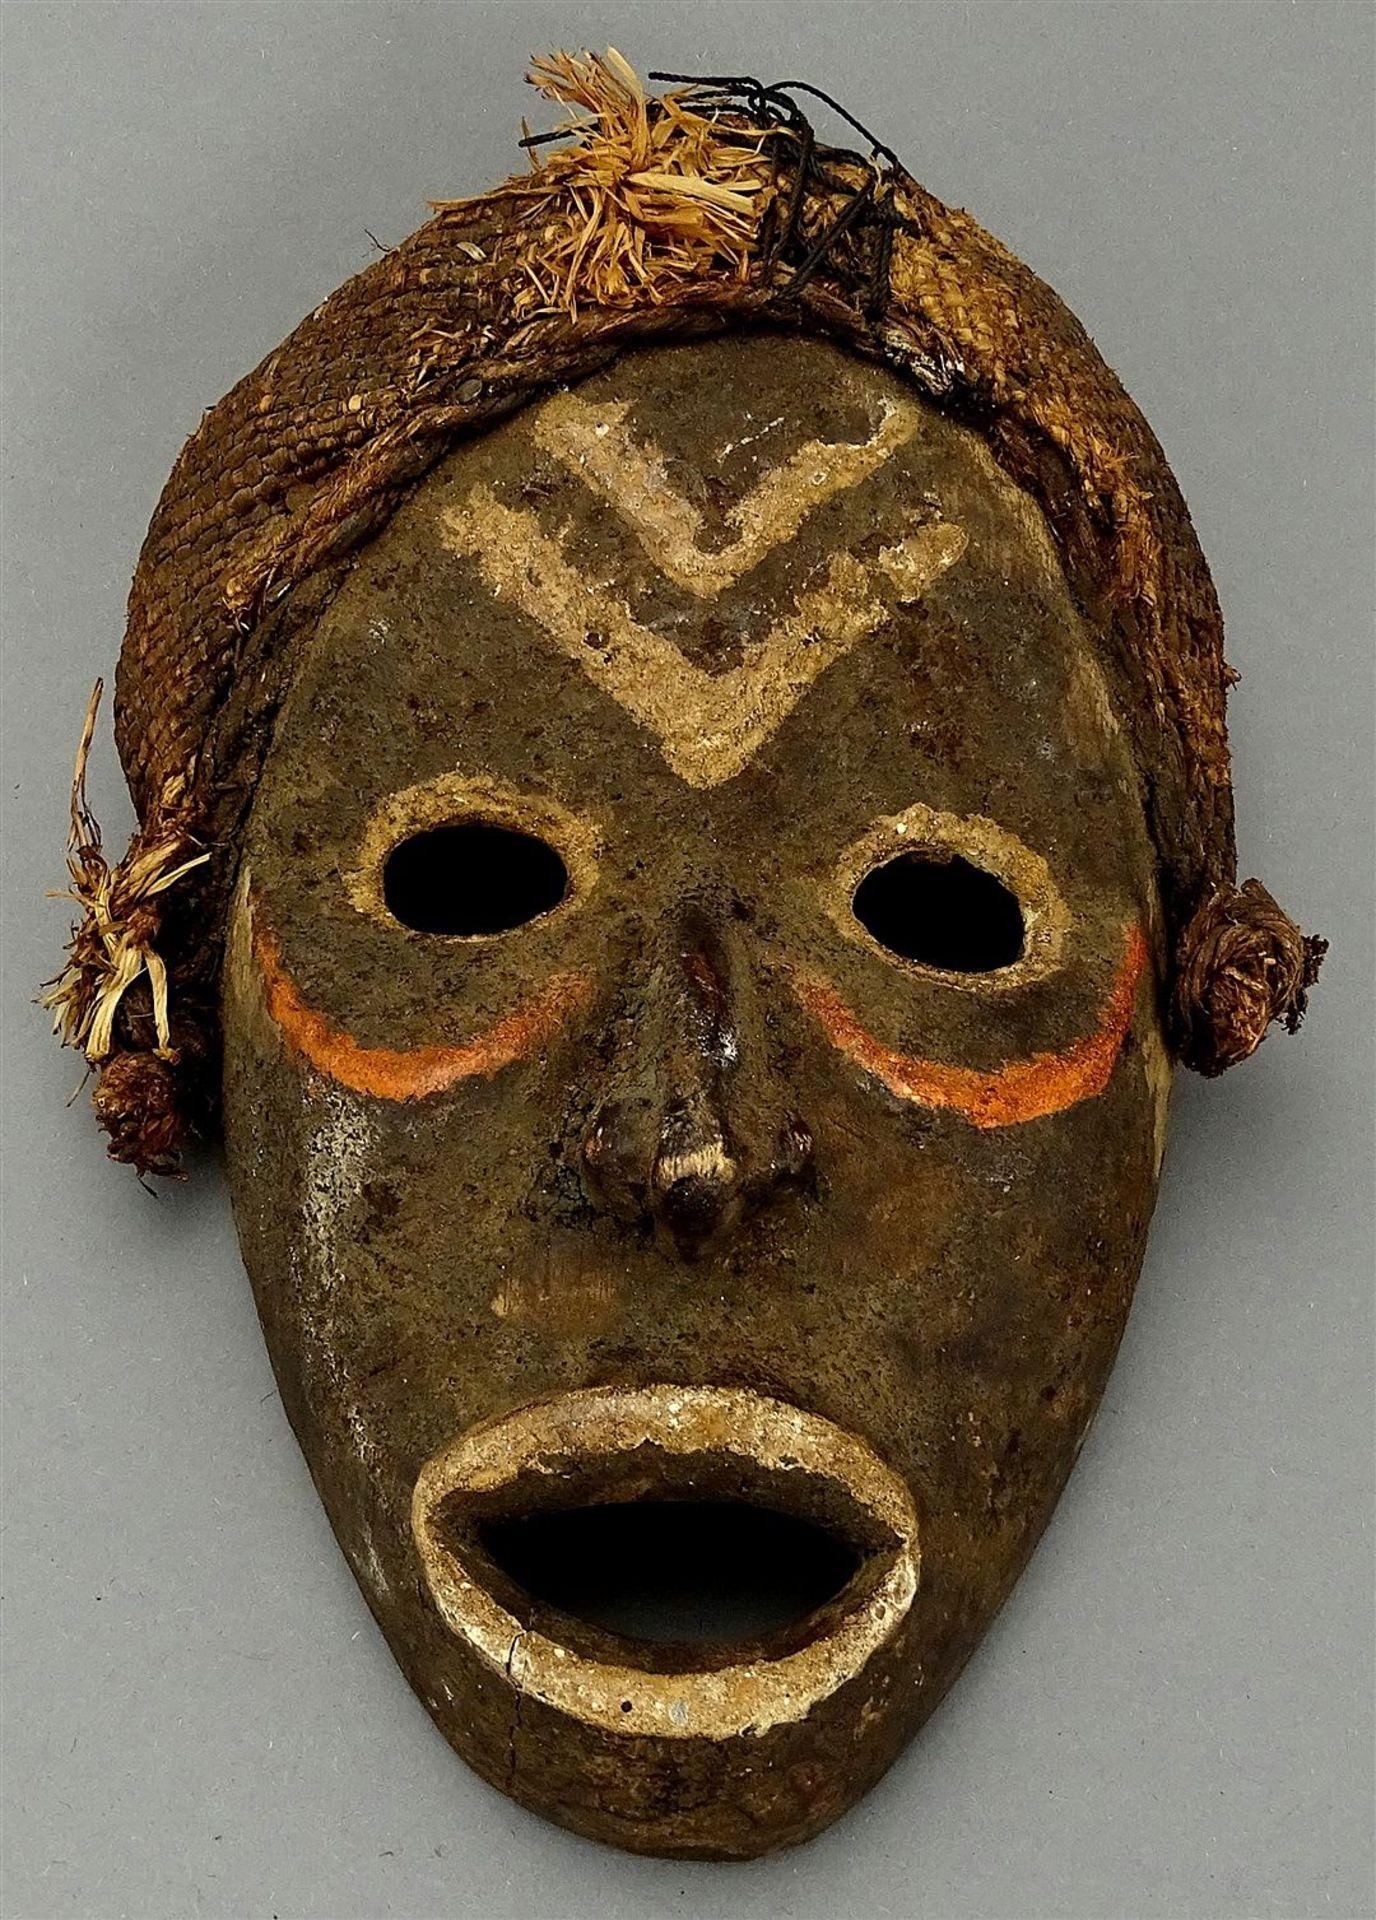 """Feuermeldermaske """"zakpai"""", Dan, Liberia / Elfenbeinküste (Côte d'Ivoire)"""